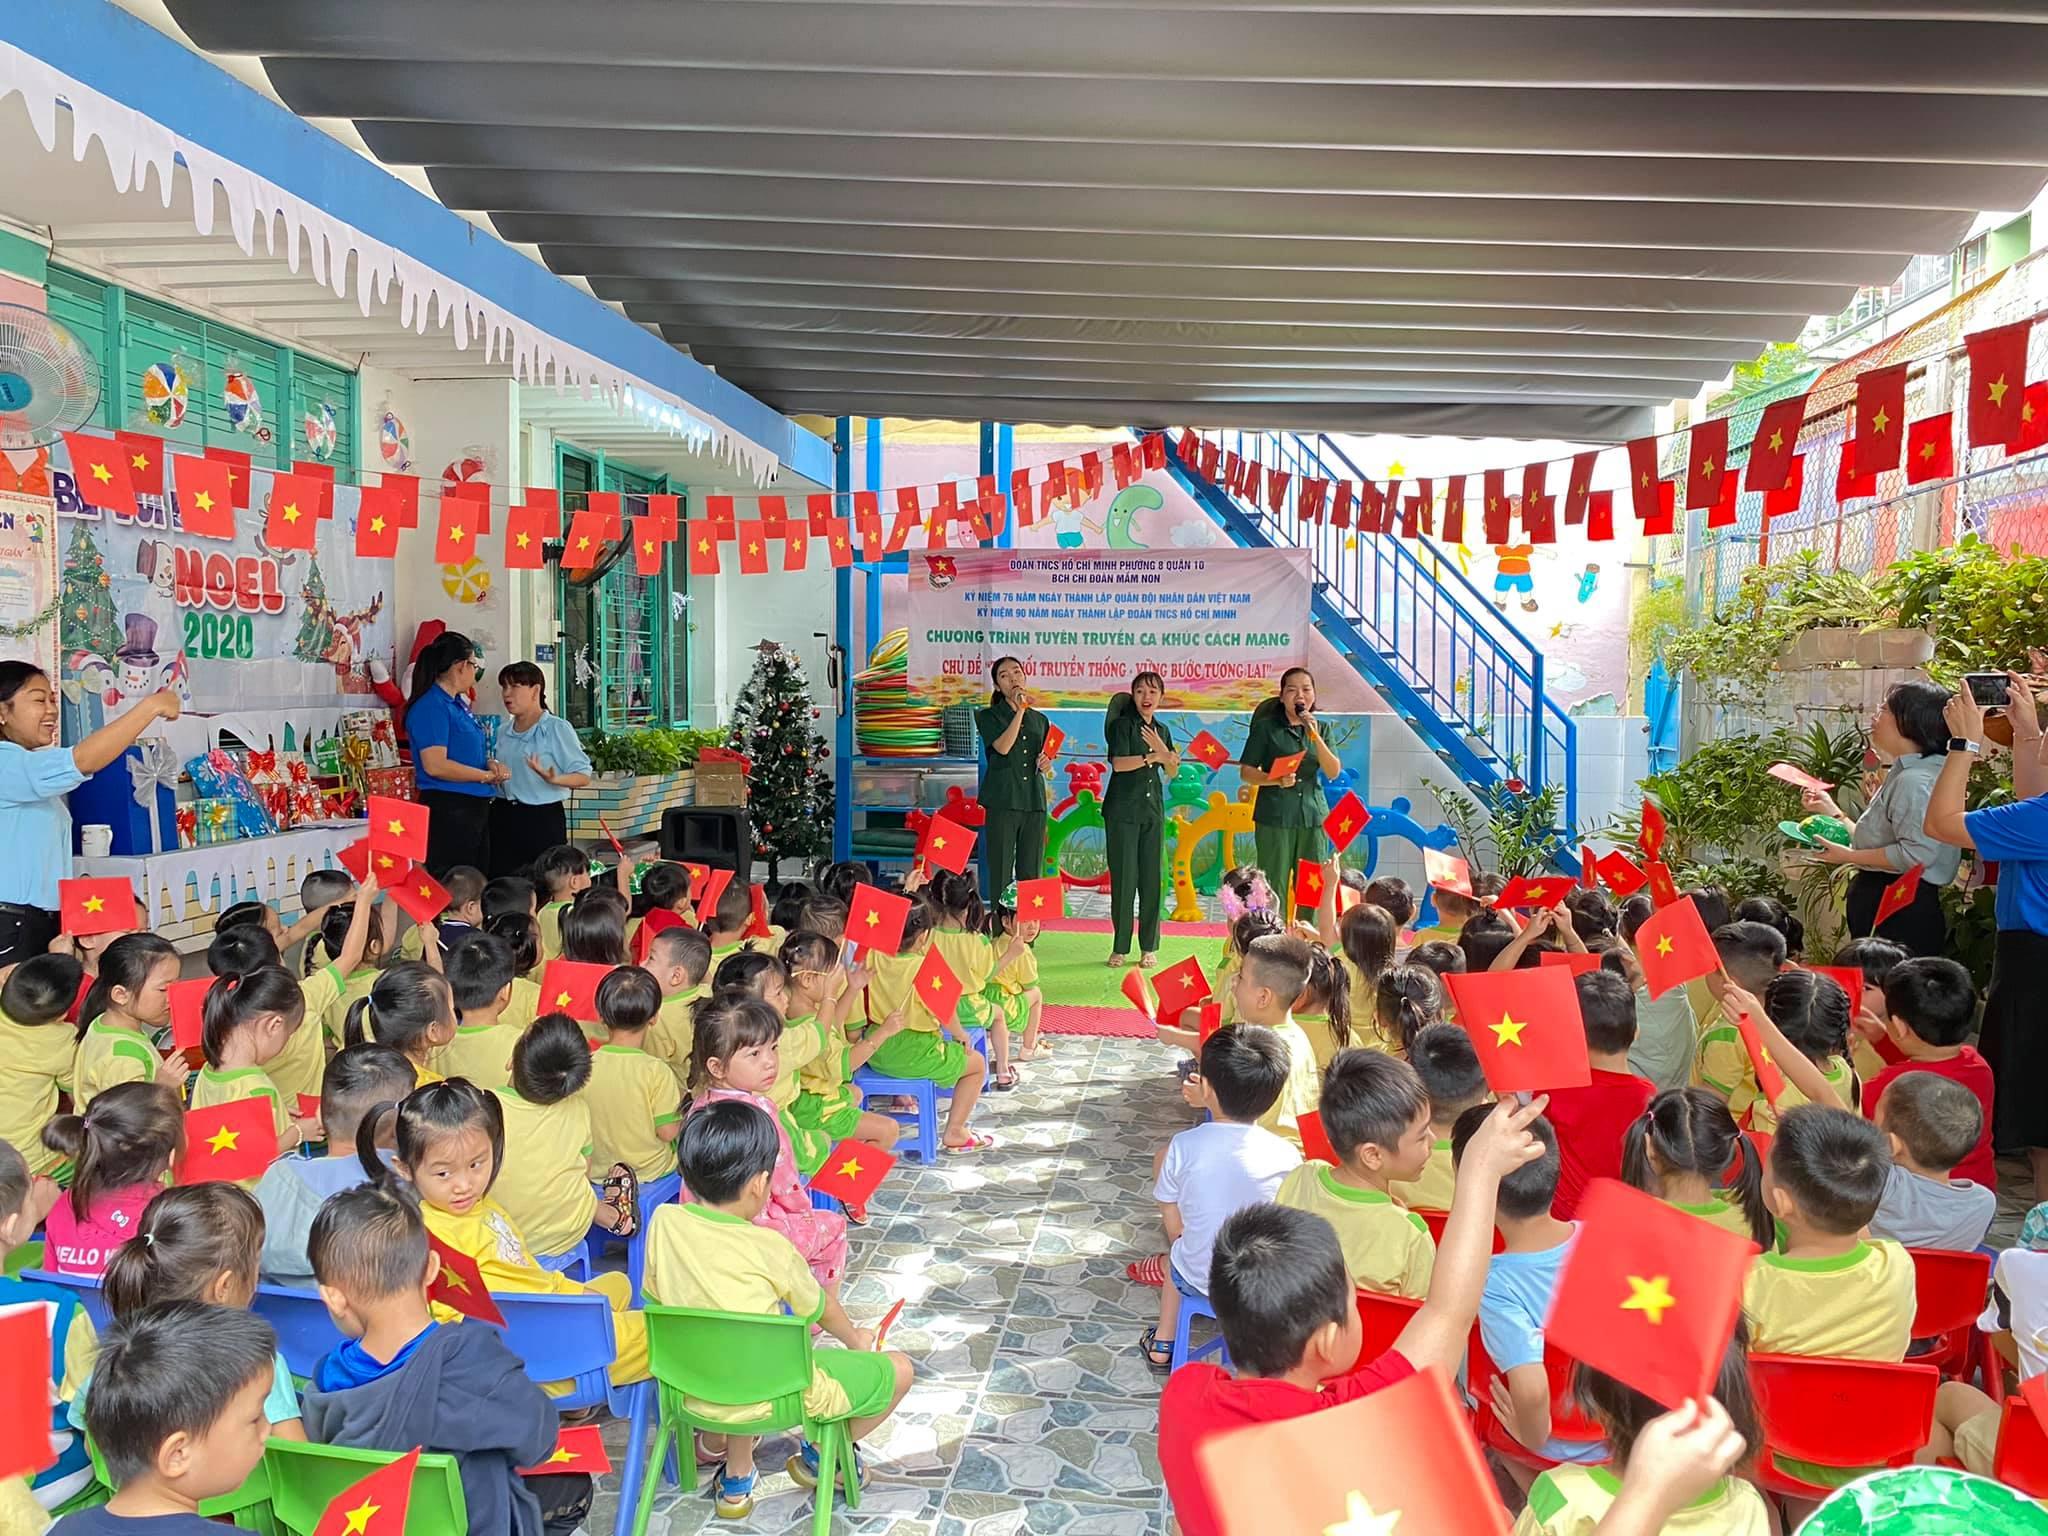 Phường 8 tổ chức chương trình Tuyên Truyền Ca Khúc Cách Mạng